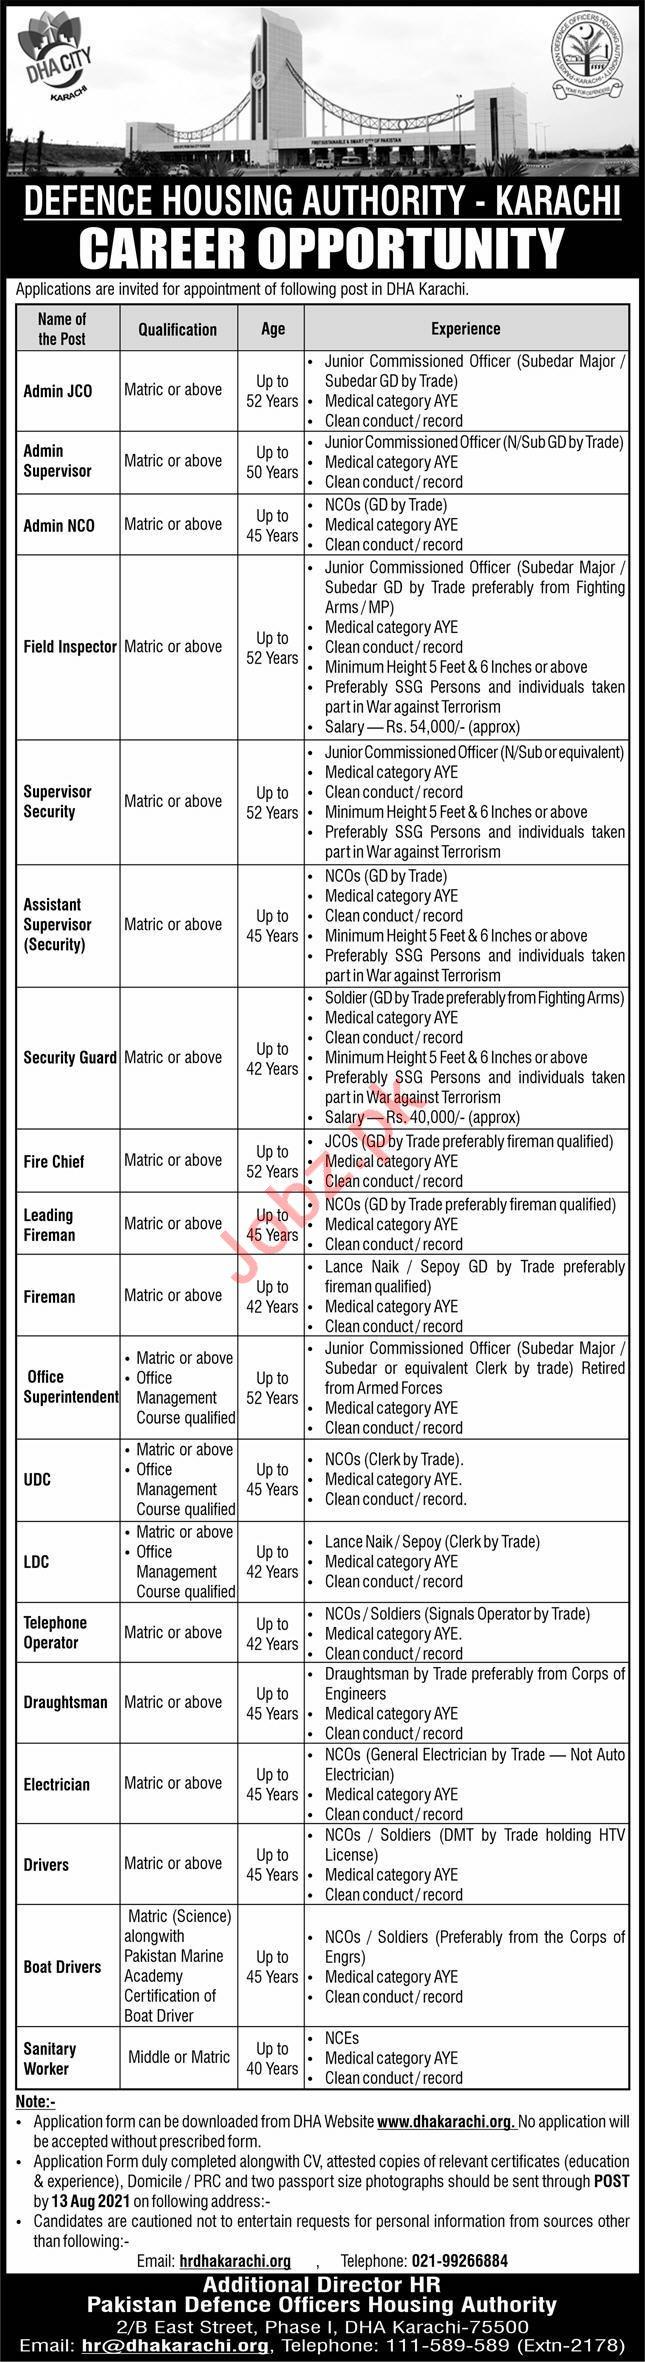 Defence Housing Authority DHA Karachi Jobs 2021 Admin JCO